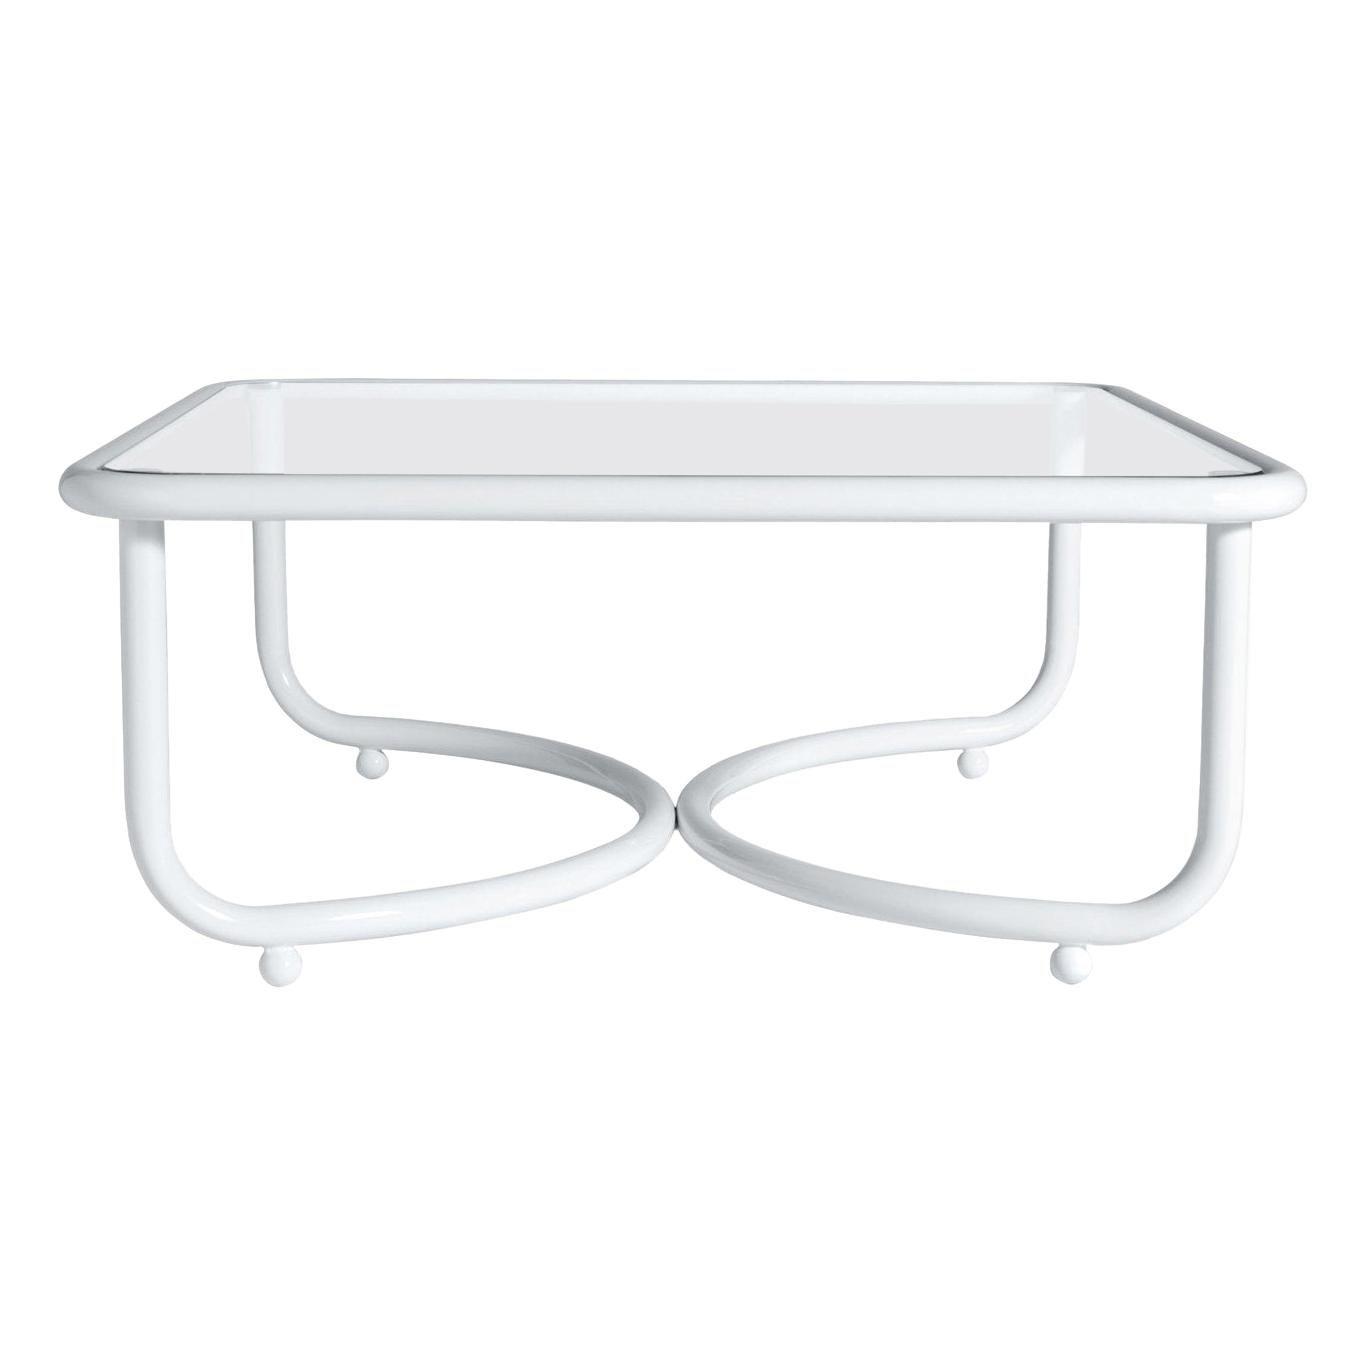 Locus Solus White Low Table by Gae Aulenti